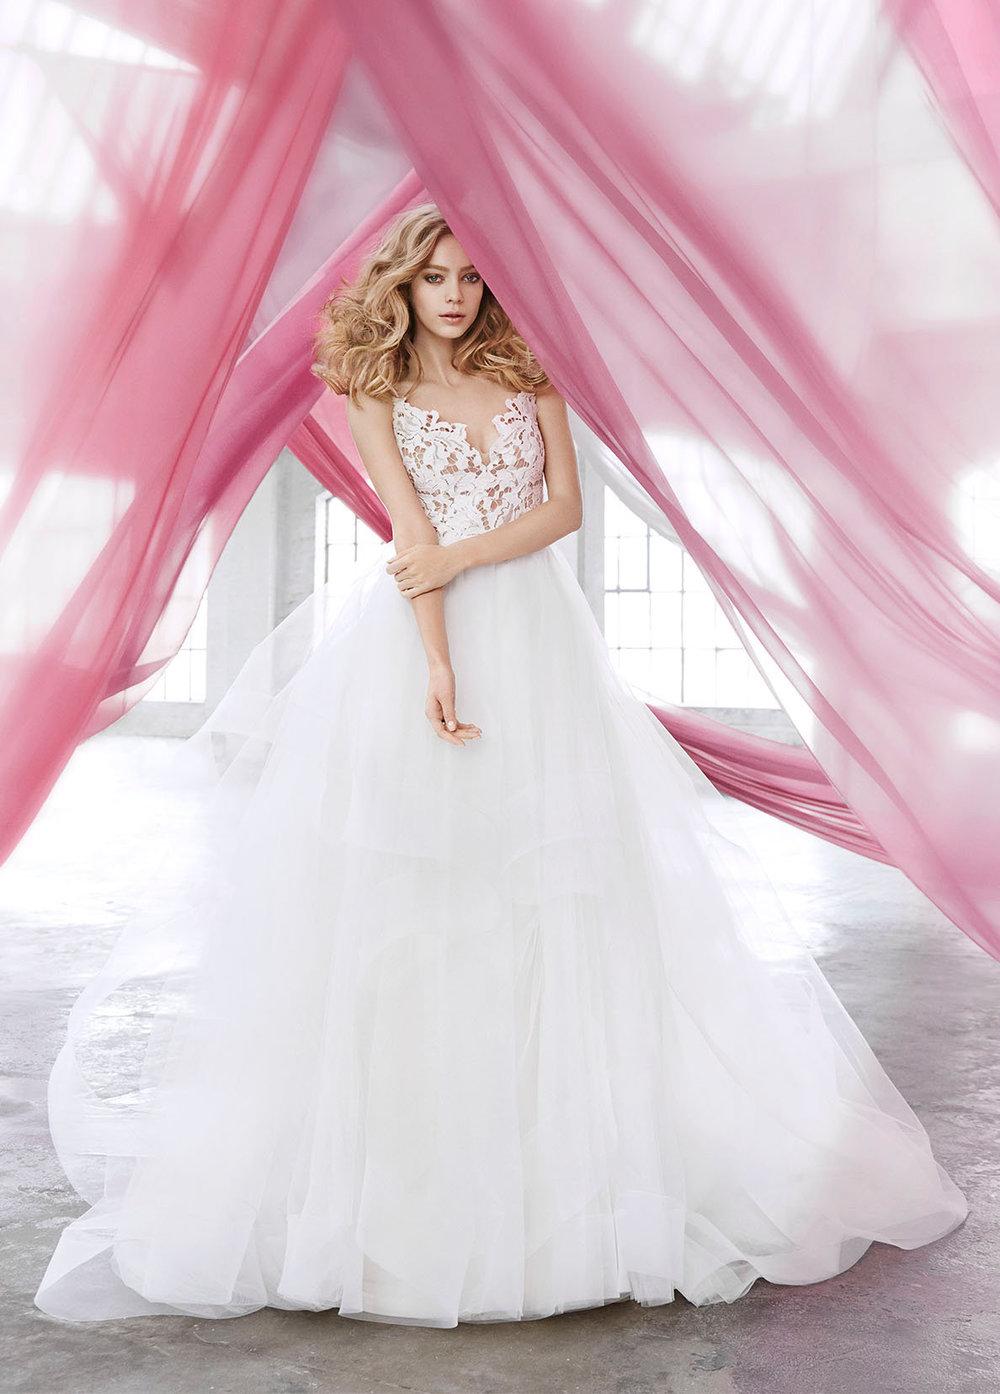 BlushHayleyPaigeBridal-BridesbyYoung-PlusSizeWeddingDress-Halo1600.jpg